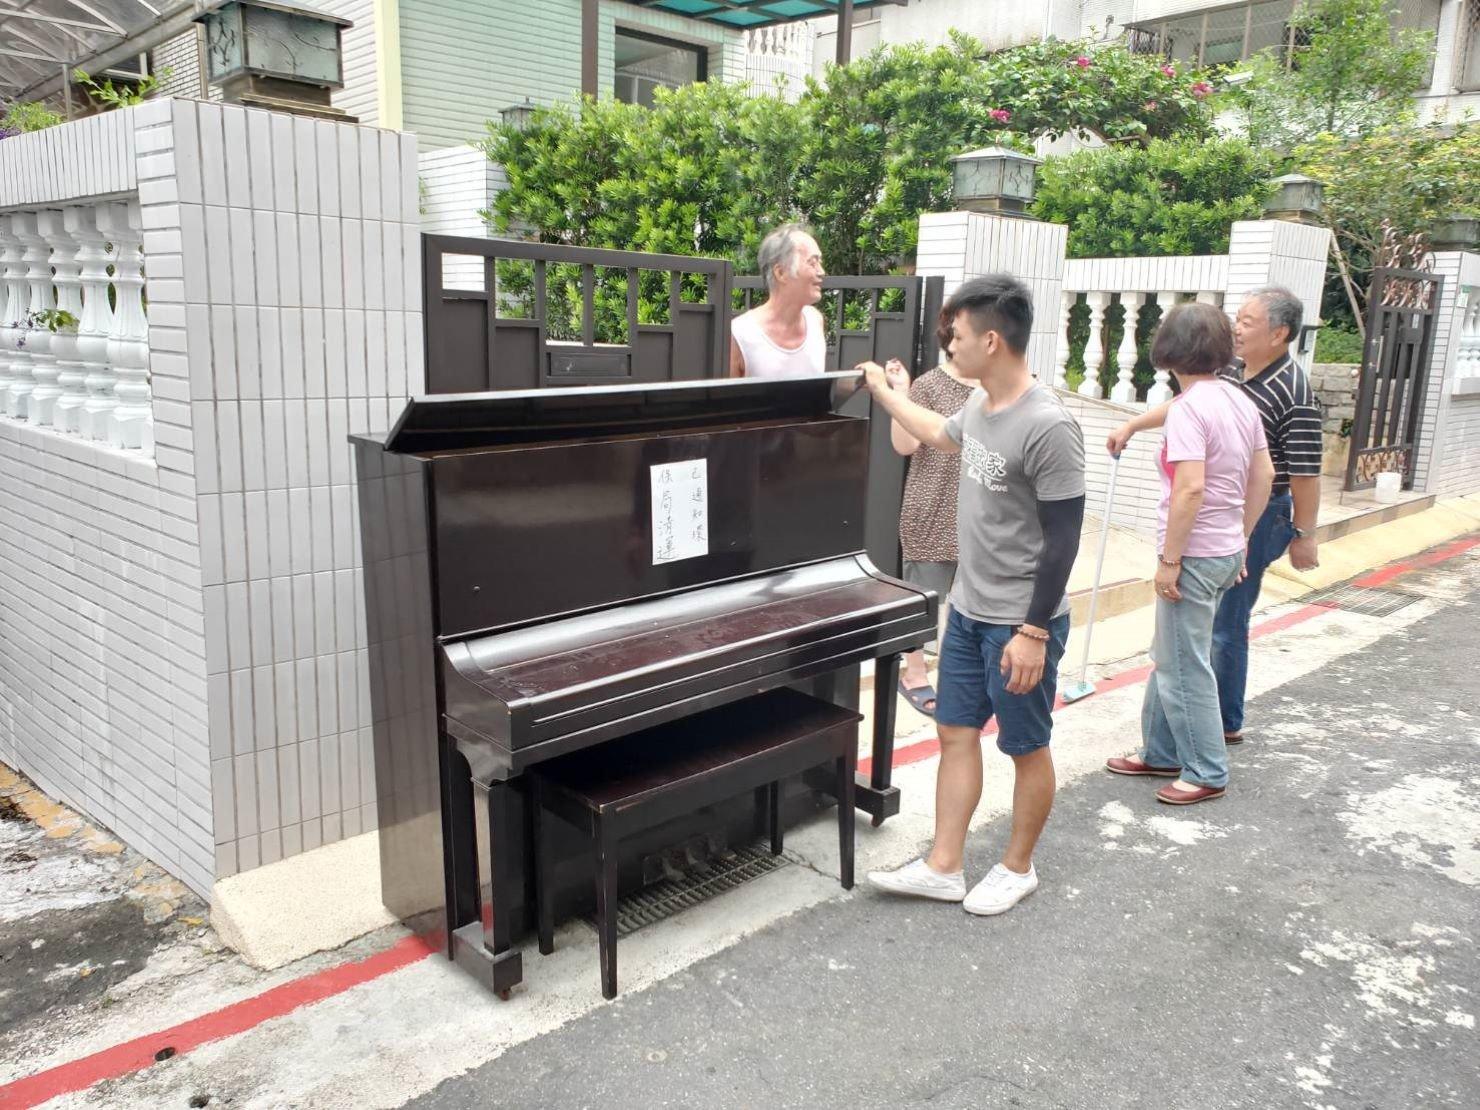 不要的鋼琴-顧客有連絡好環保局來回收(並不是每區的環保局均會回收鋼琴需打電話再三確認唷)搬家公司推薦-【榮福搬家】最好的服務